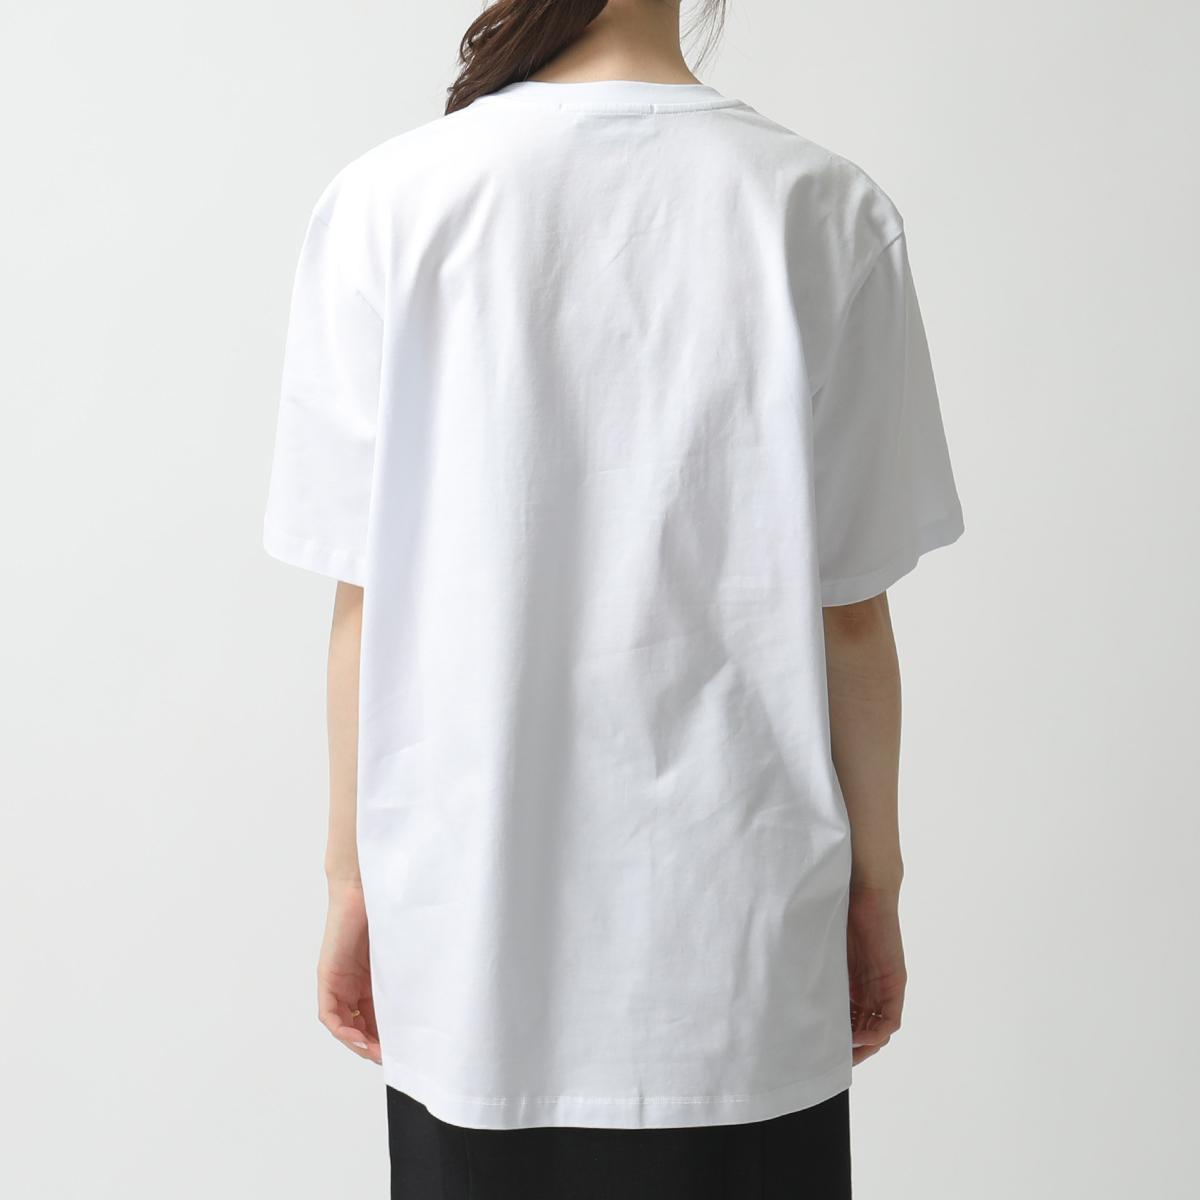 MSGM エムエスジーエム 2841 MDM98 半袖 Tシャツ カットソー クルーネック 丸首 ロゴ刺繍 01 ホワイト レディースBerCdxWo